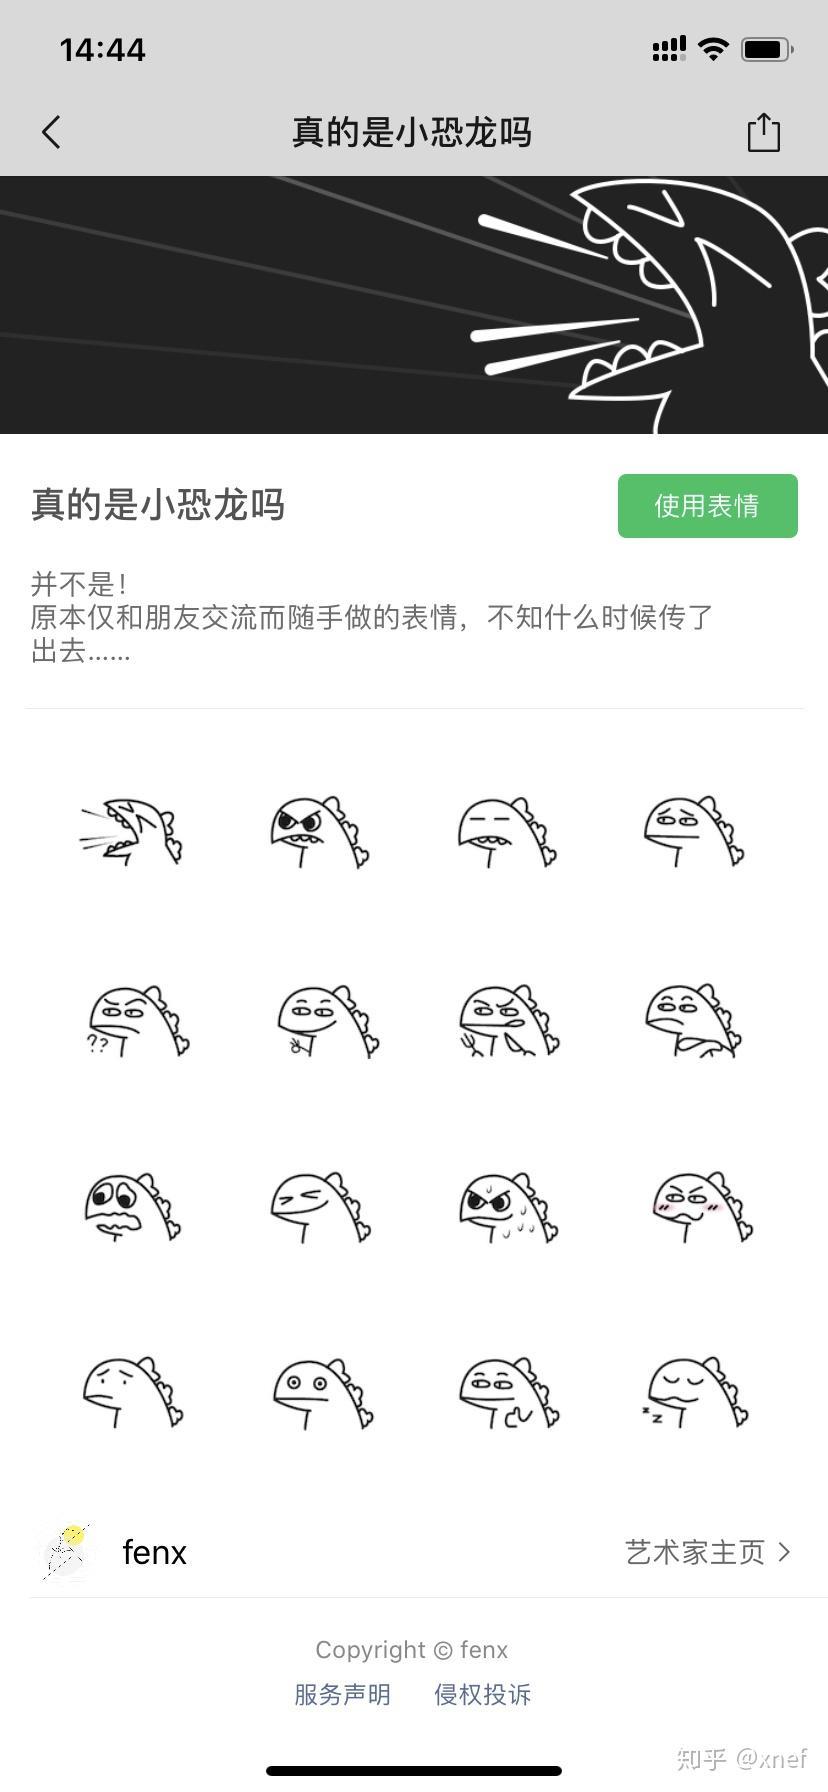 关于「小恐龙」表情包的几点说明